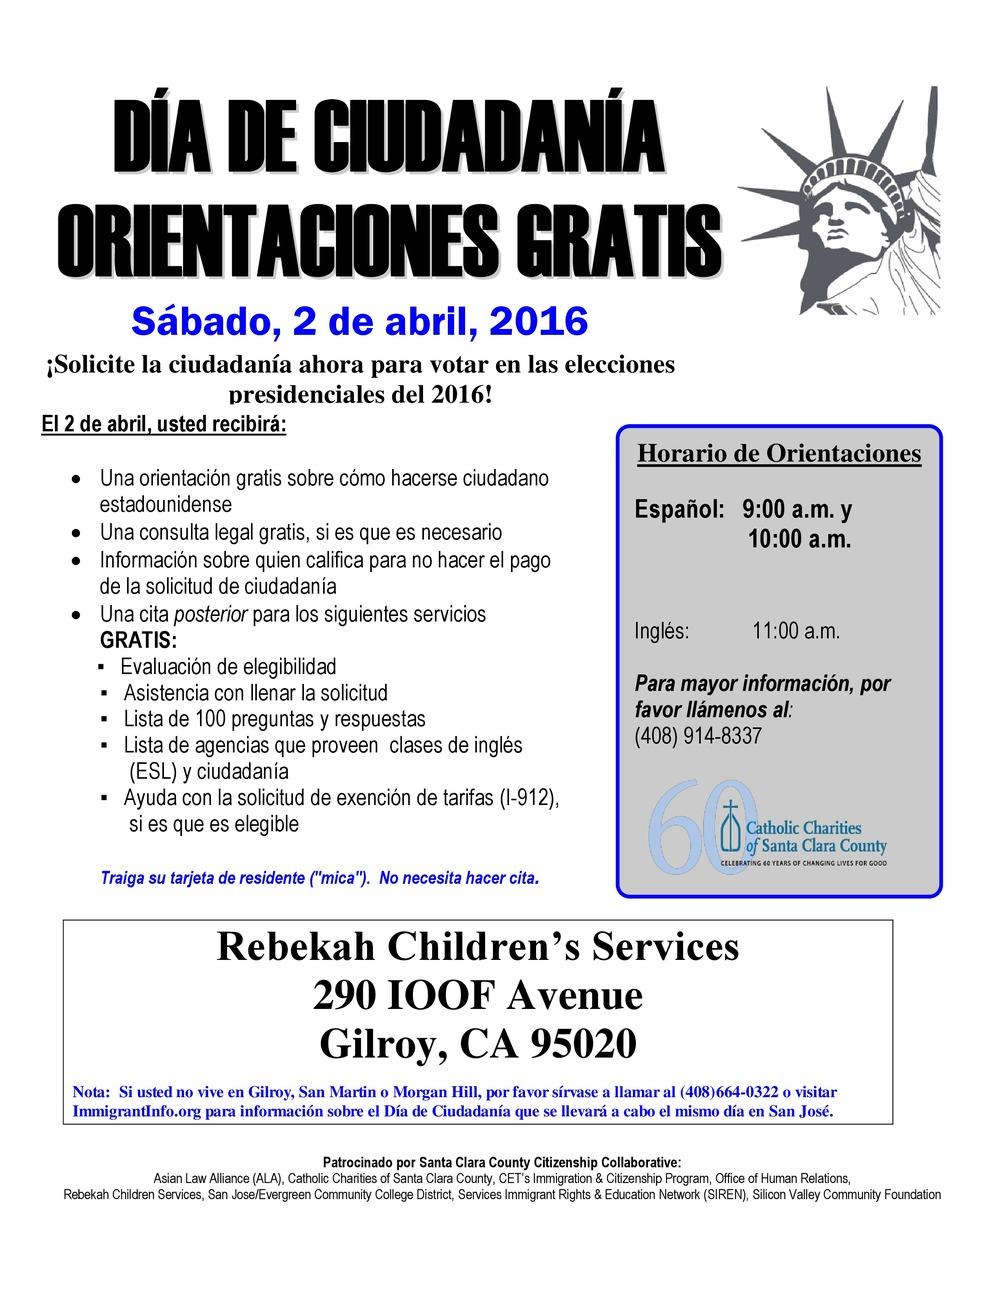 Spanish Flyer PDF